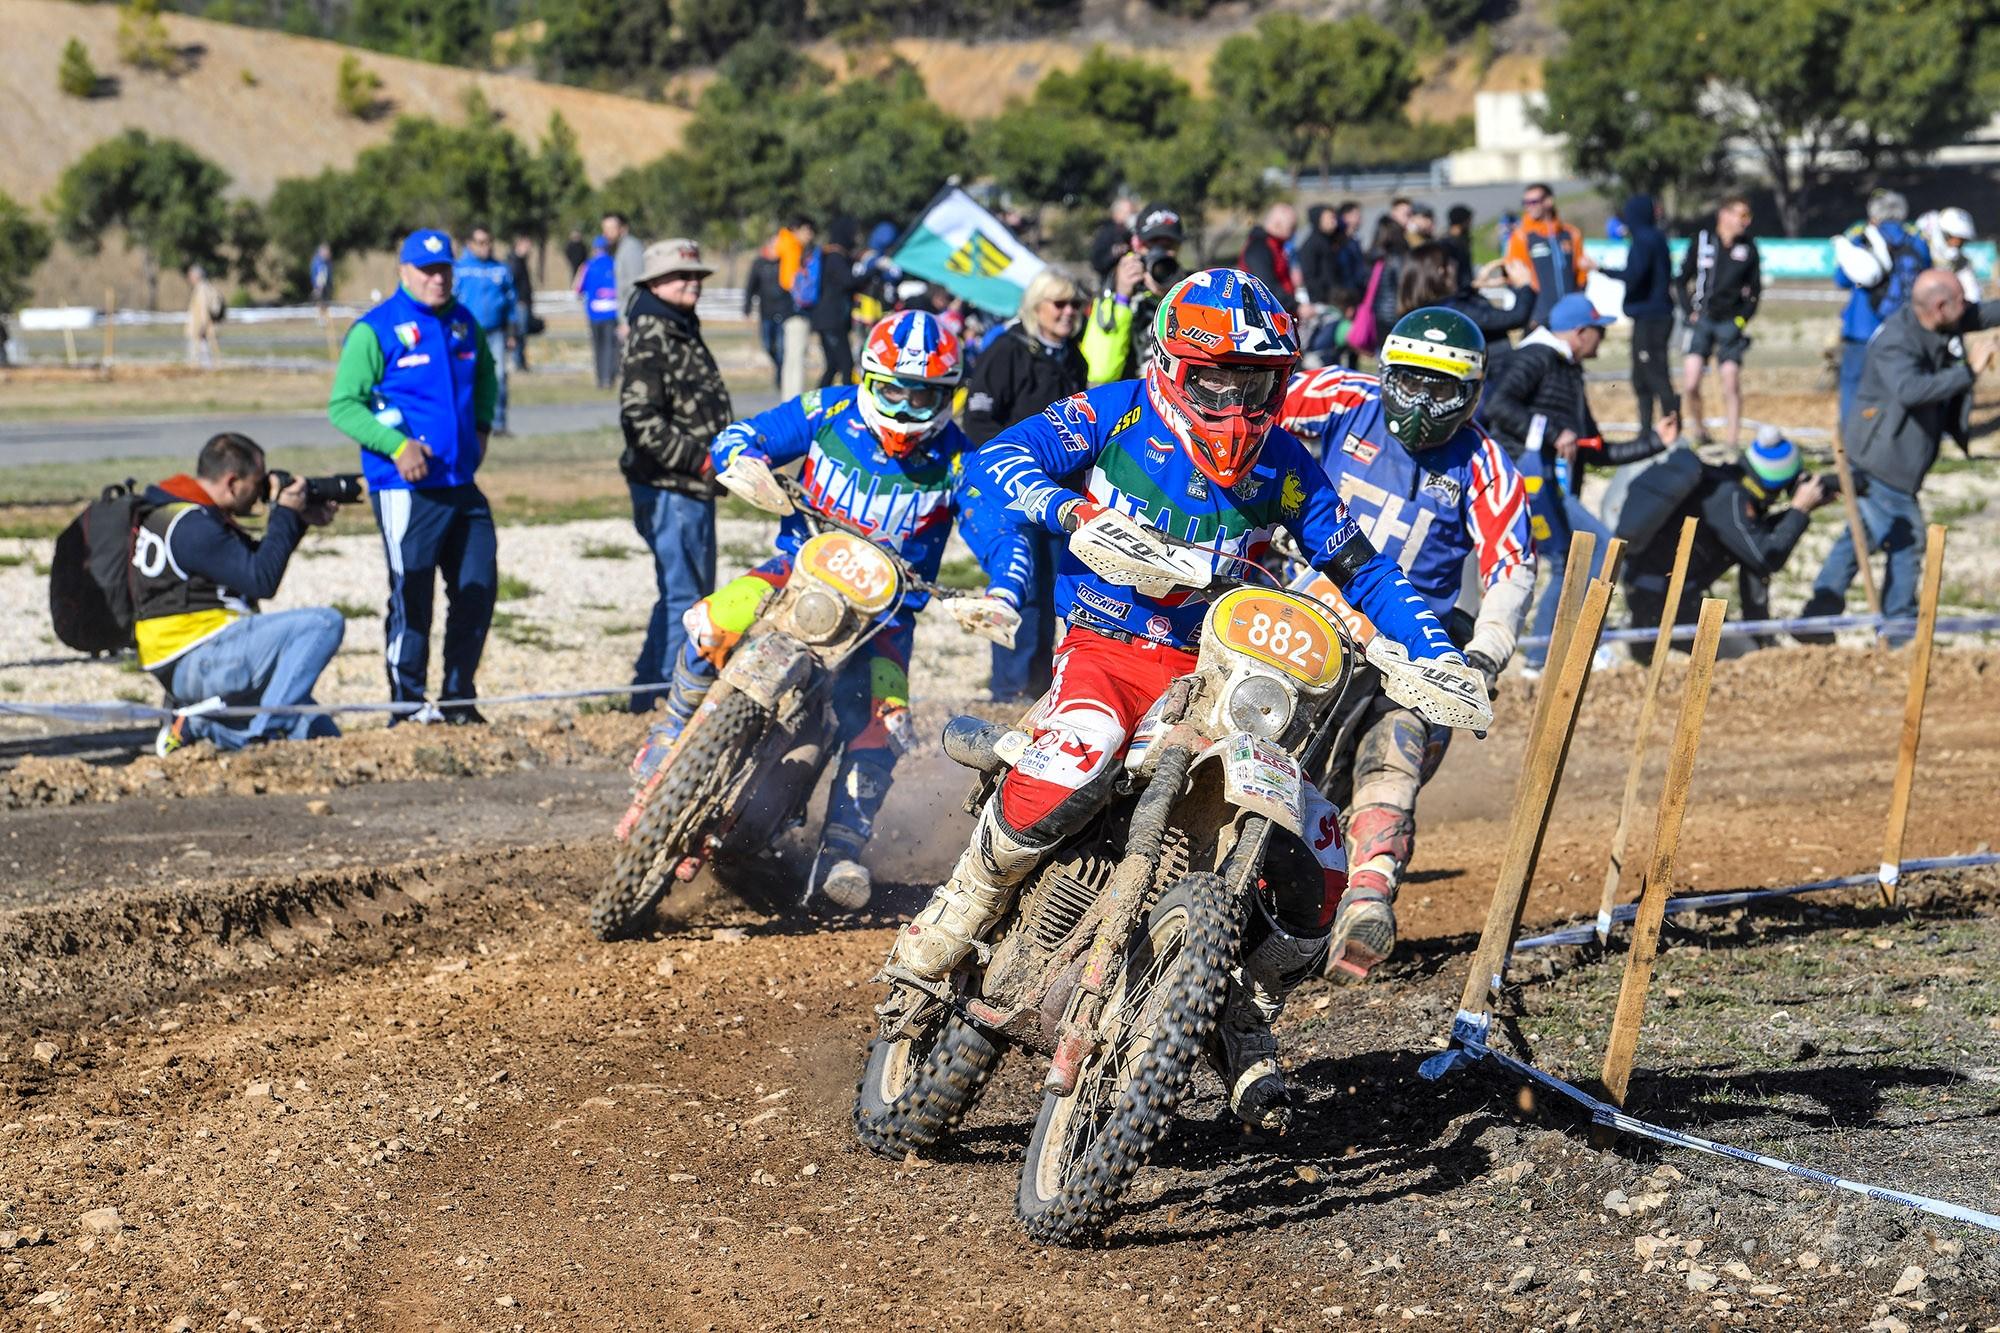 FIM Enduro Vintage Trophy all'Isola d'Elba dal 20 al 23 ottobre 2021 thumbnail